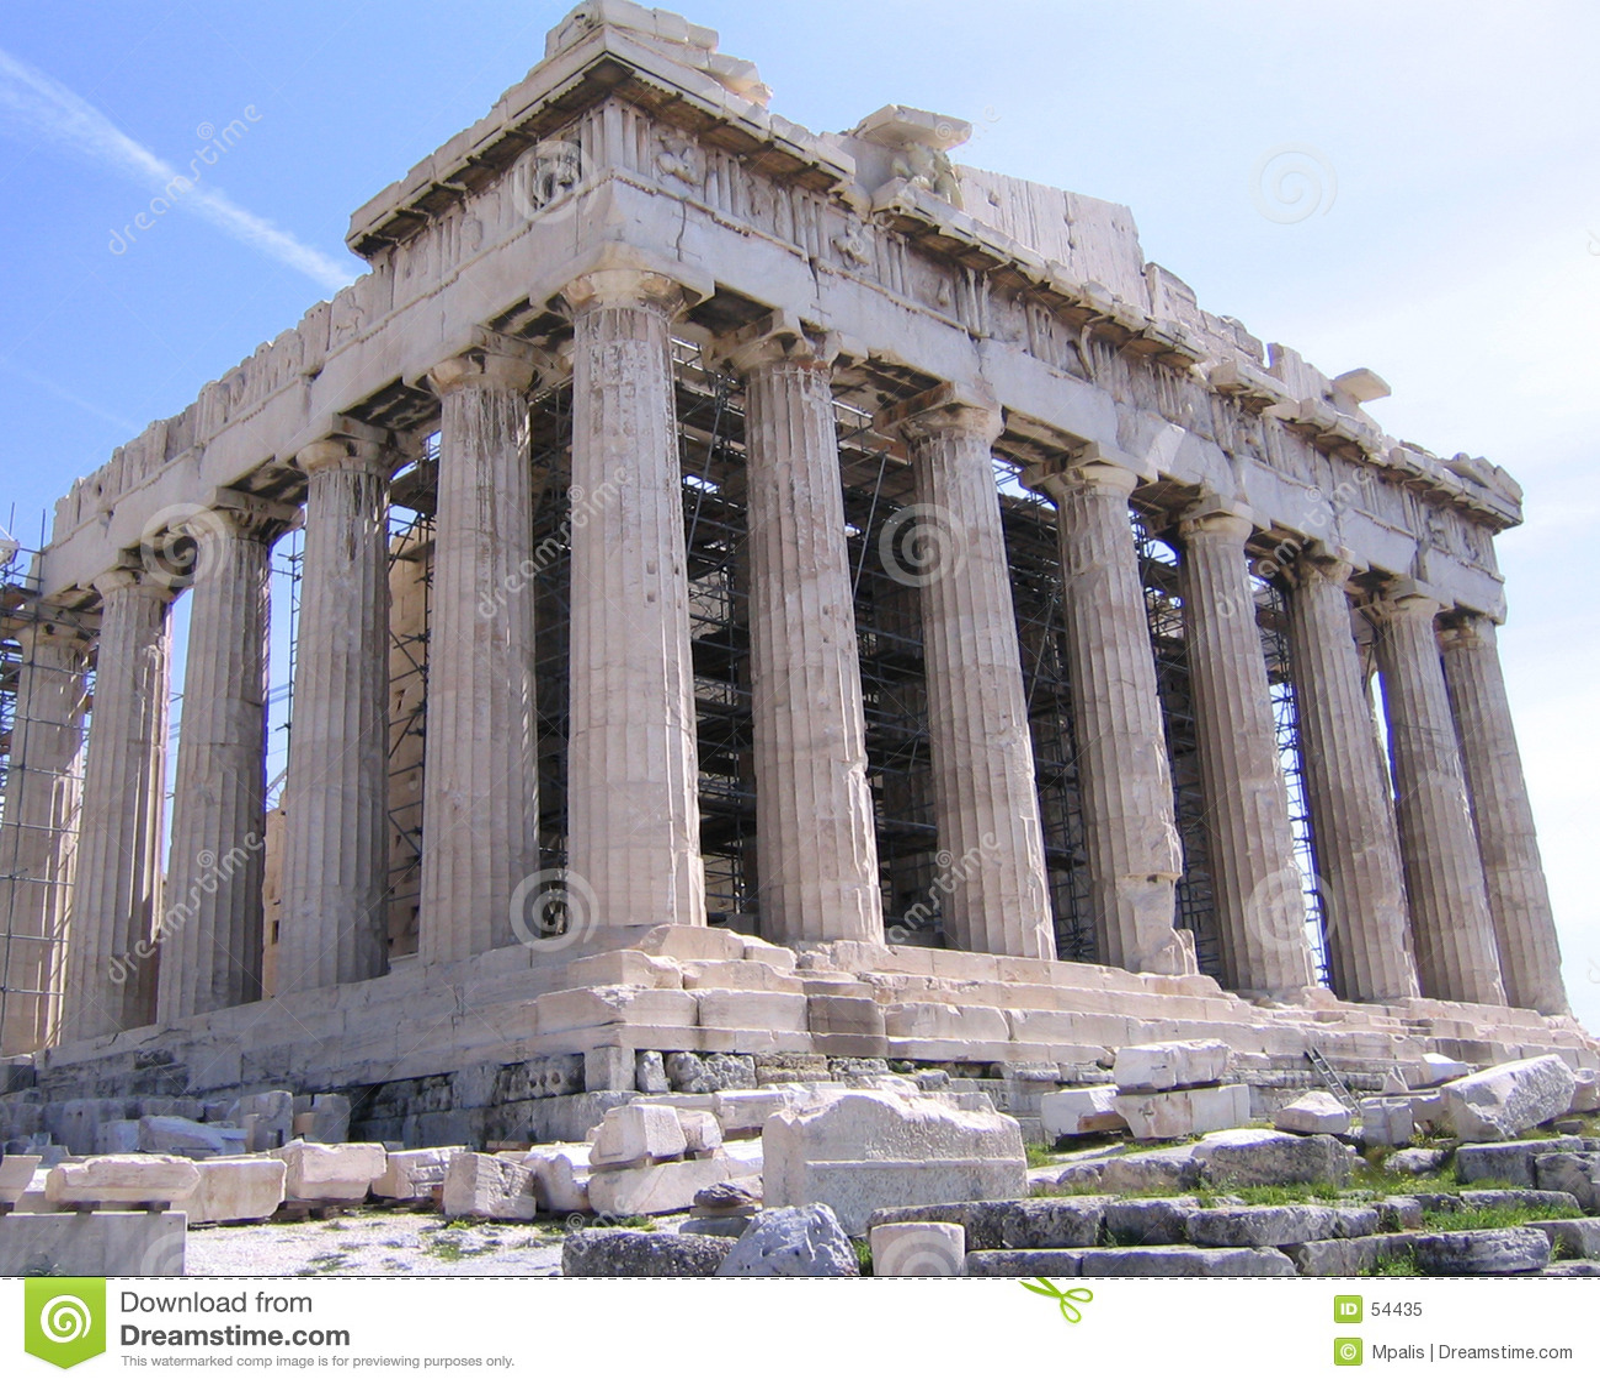 Download Parthenon à l'Acropole image stock. Image du côte, proportions - 54435